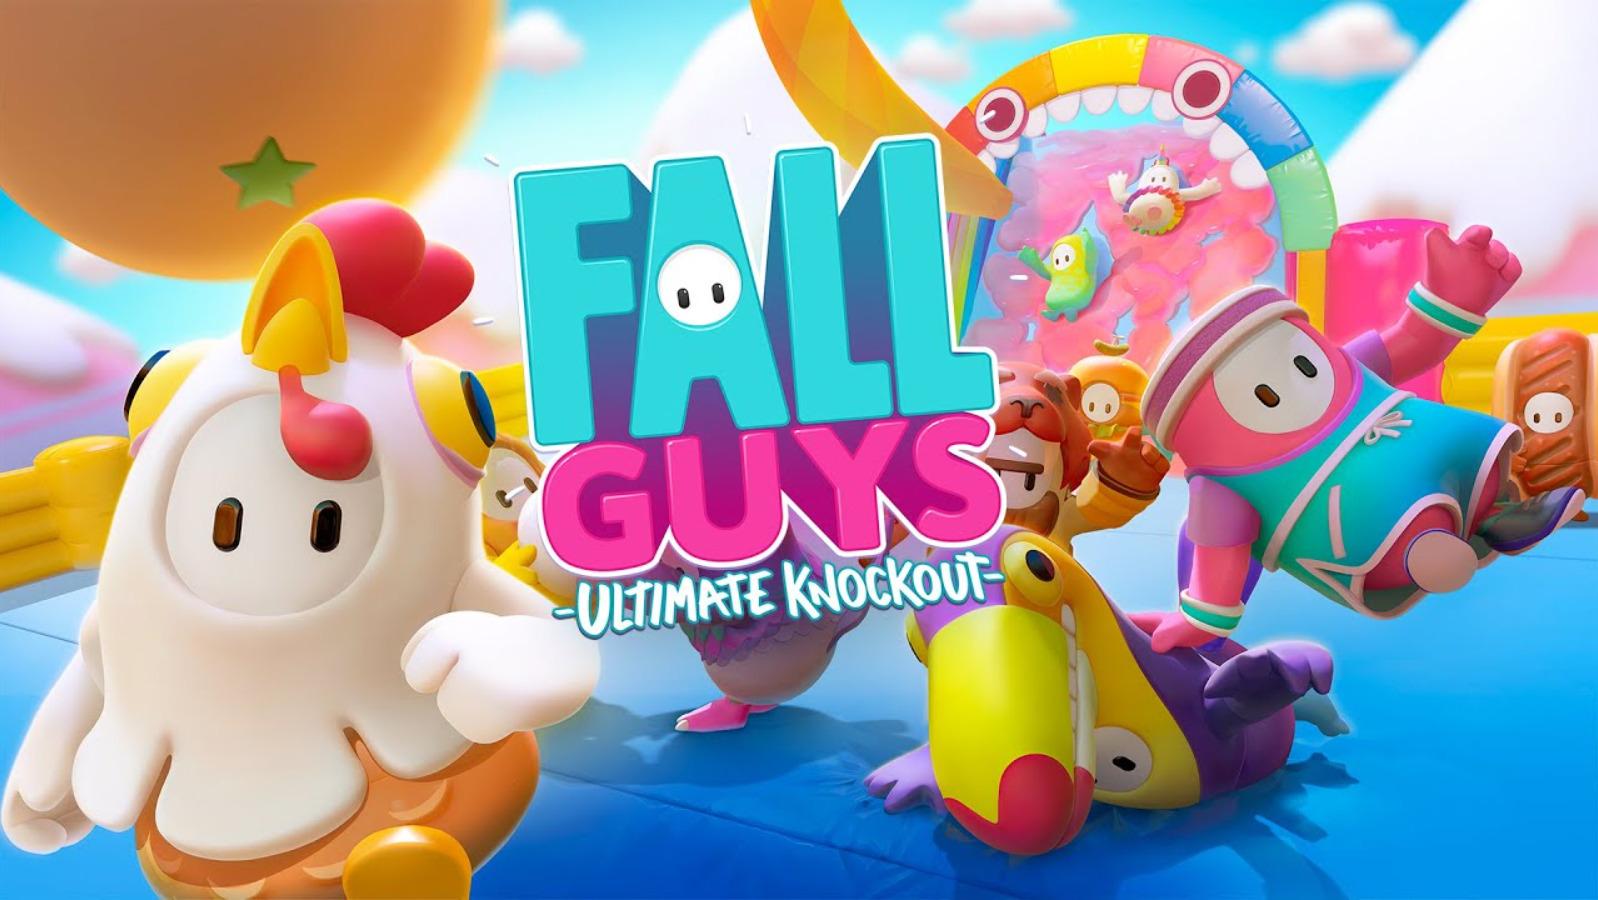 【フォールガイズ】タイトルの意味について【Fall Guys】